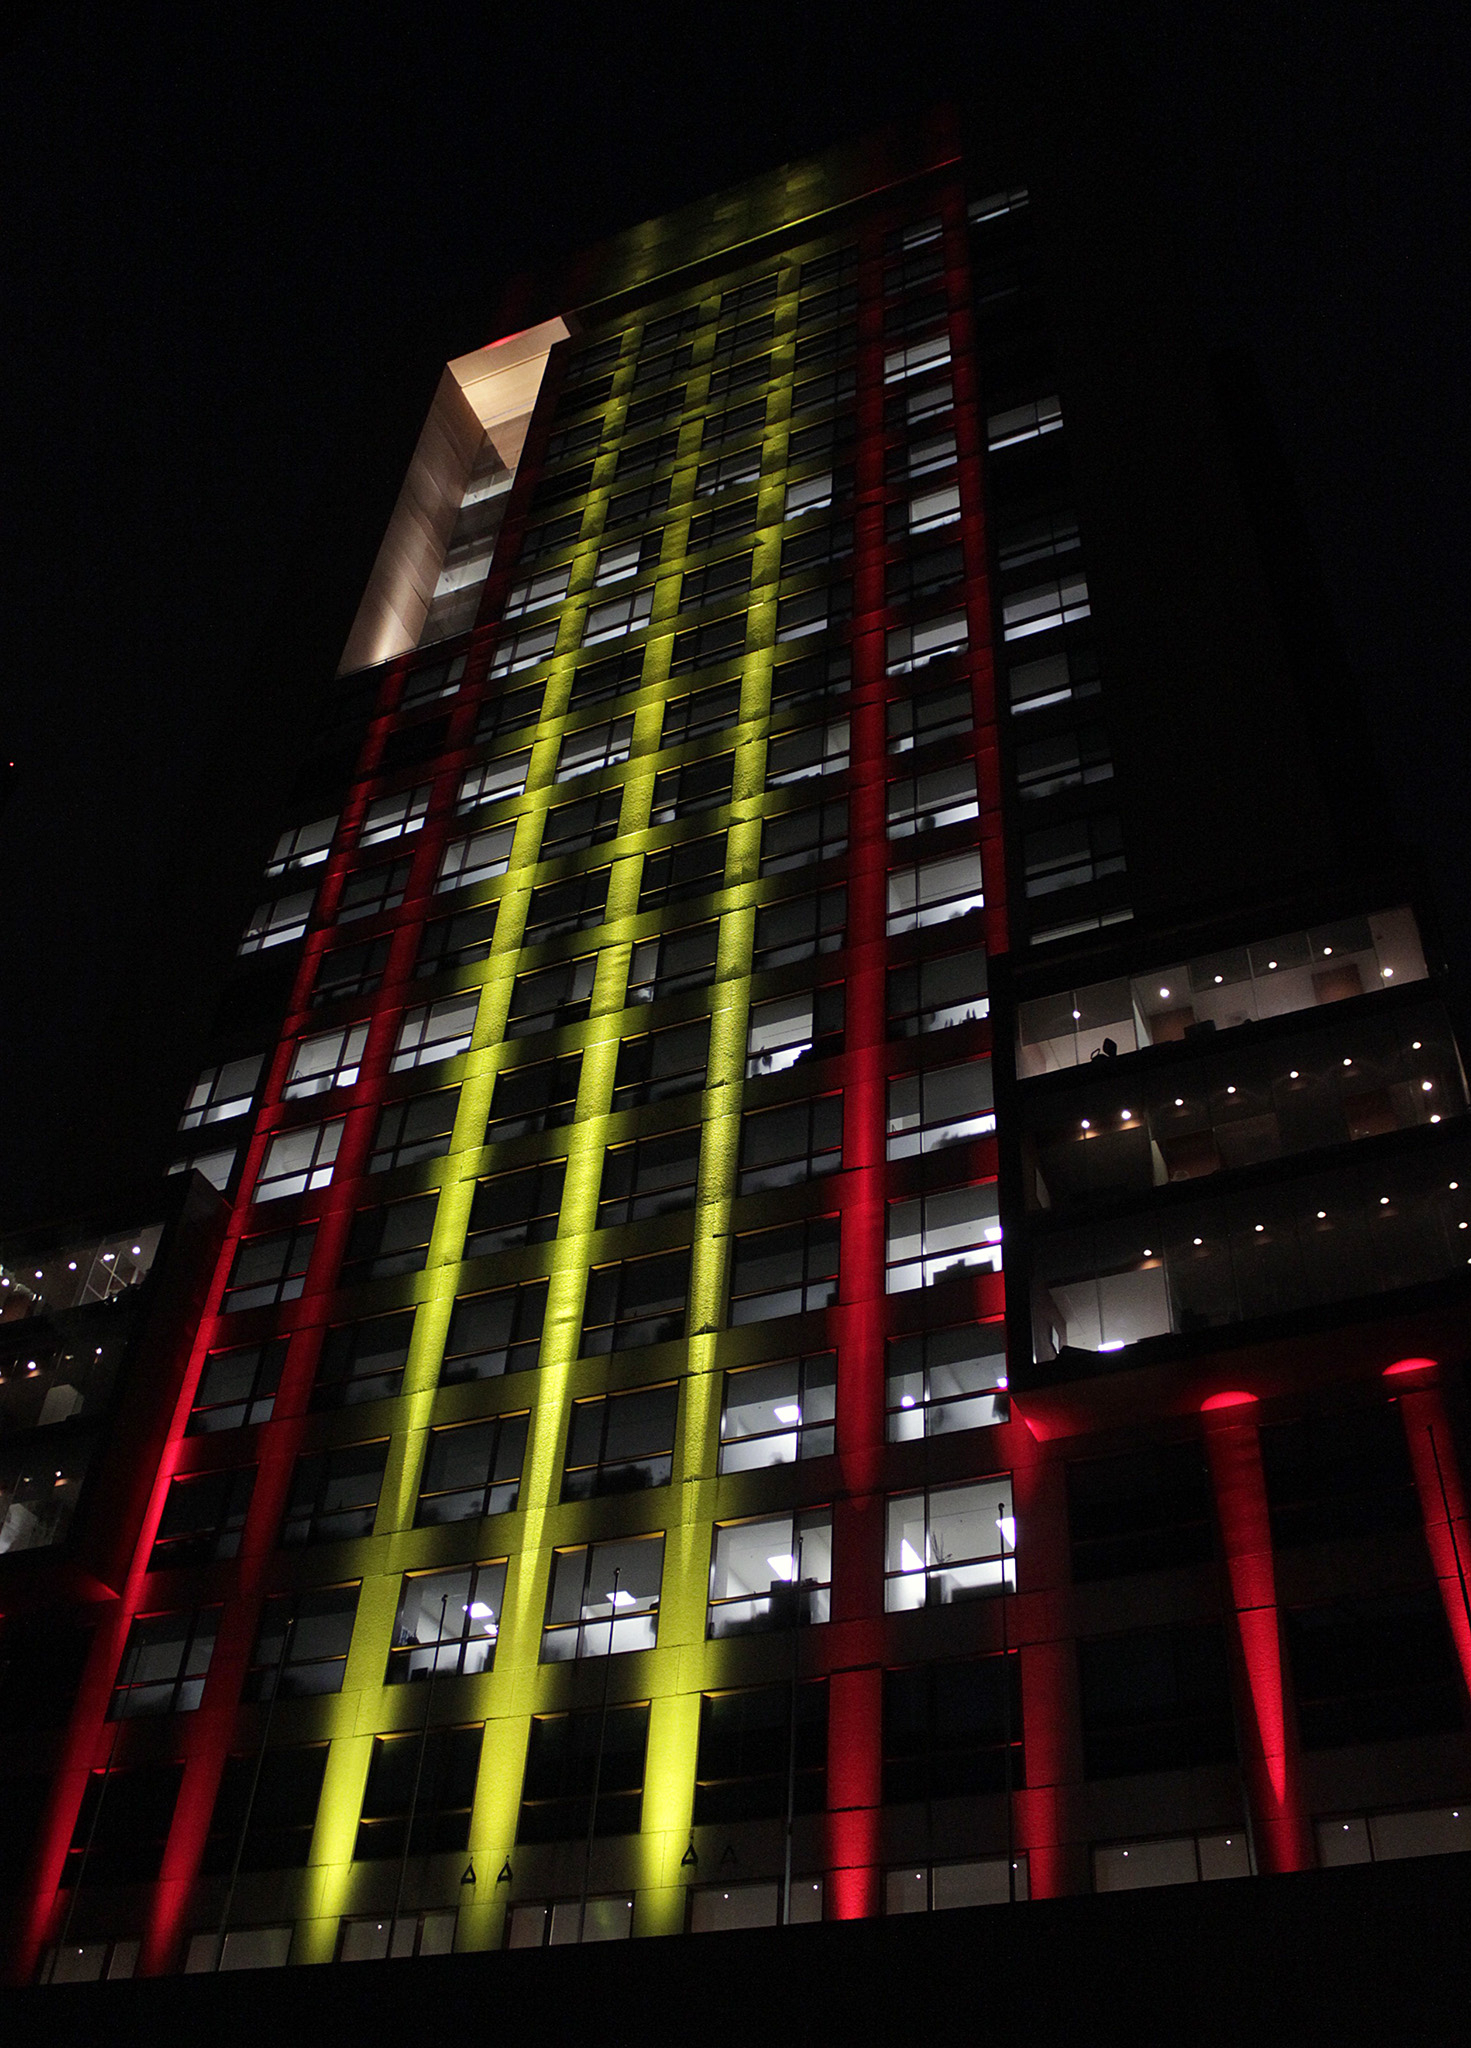 FOTO 2 Edificio de la SRE iluminado con los colores de Espa ajpg